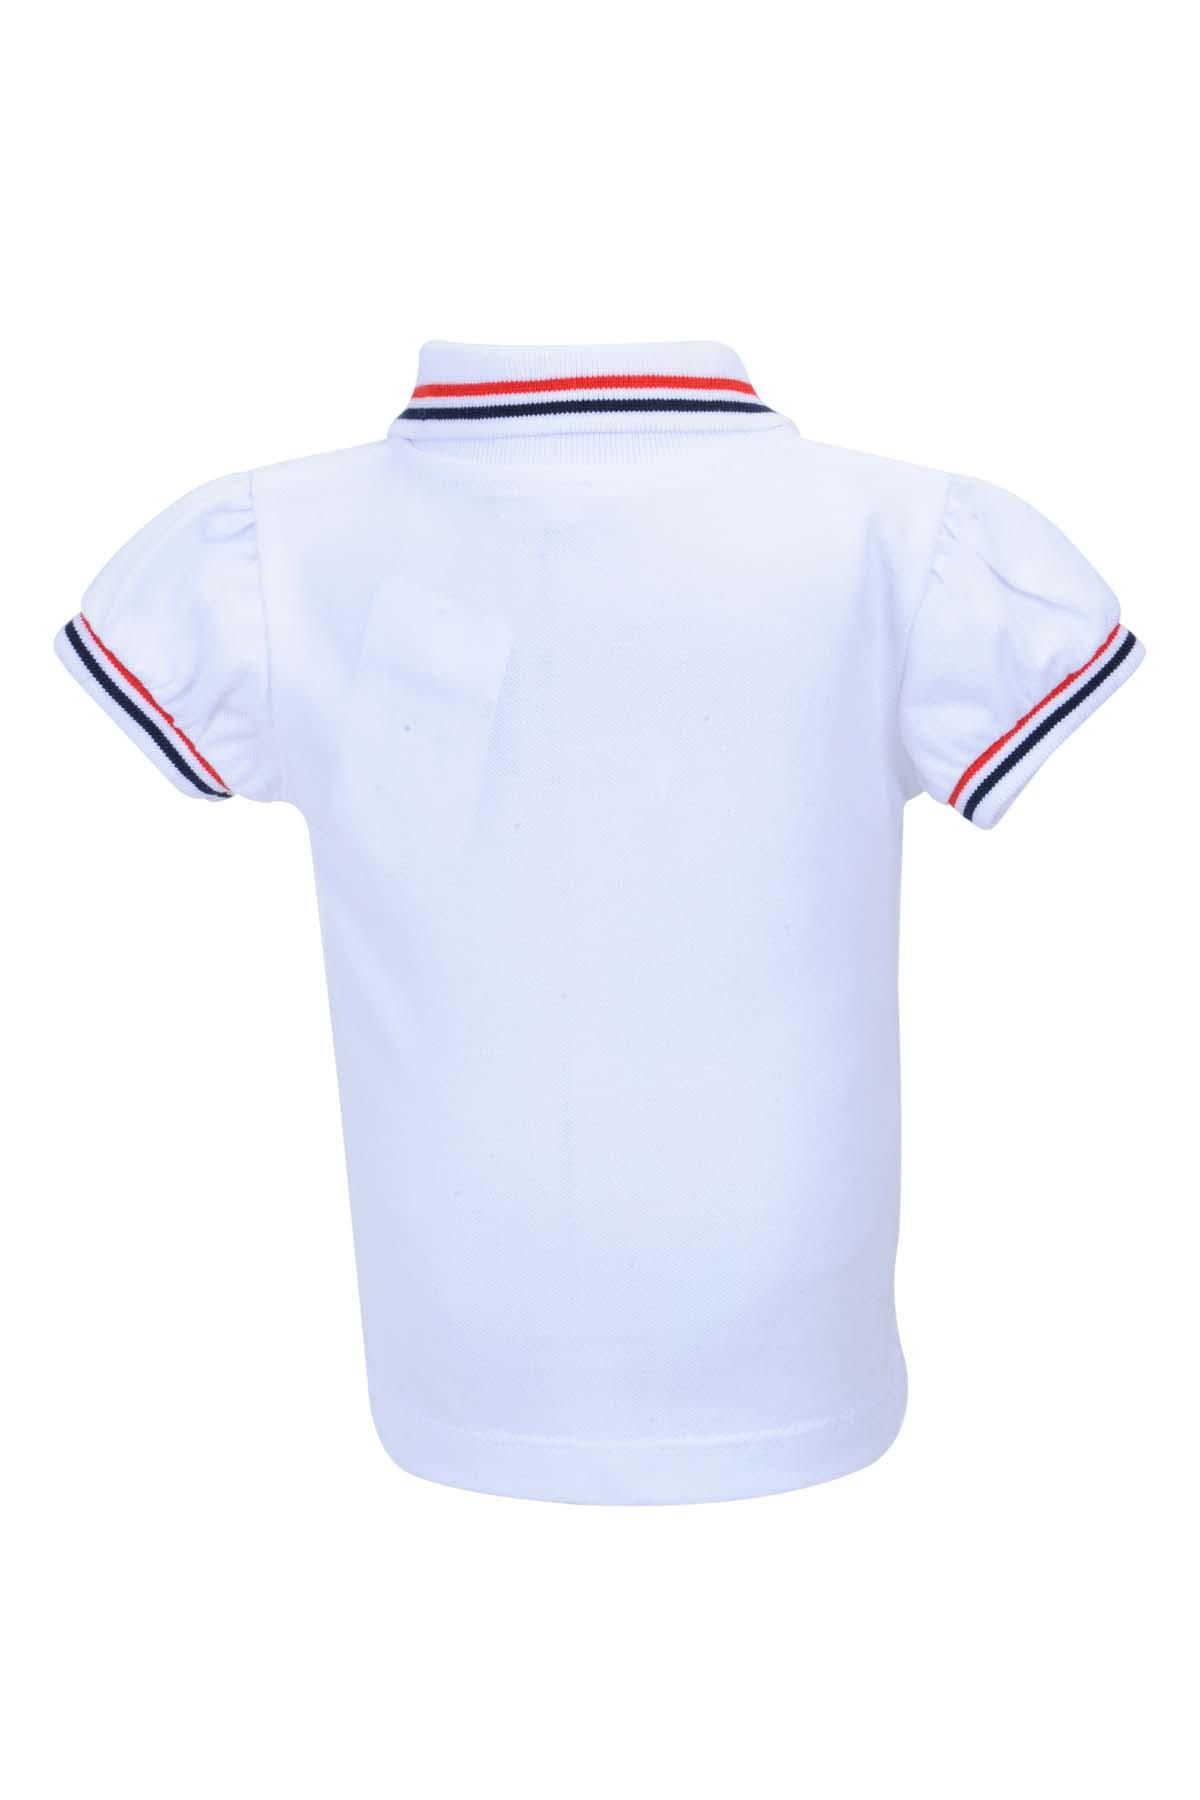 Zeyland Beyaz Kız Bebek T-Shirt 71M2MRE53 2